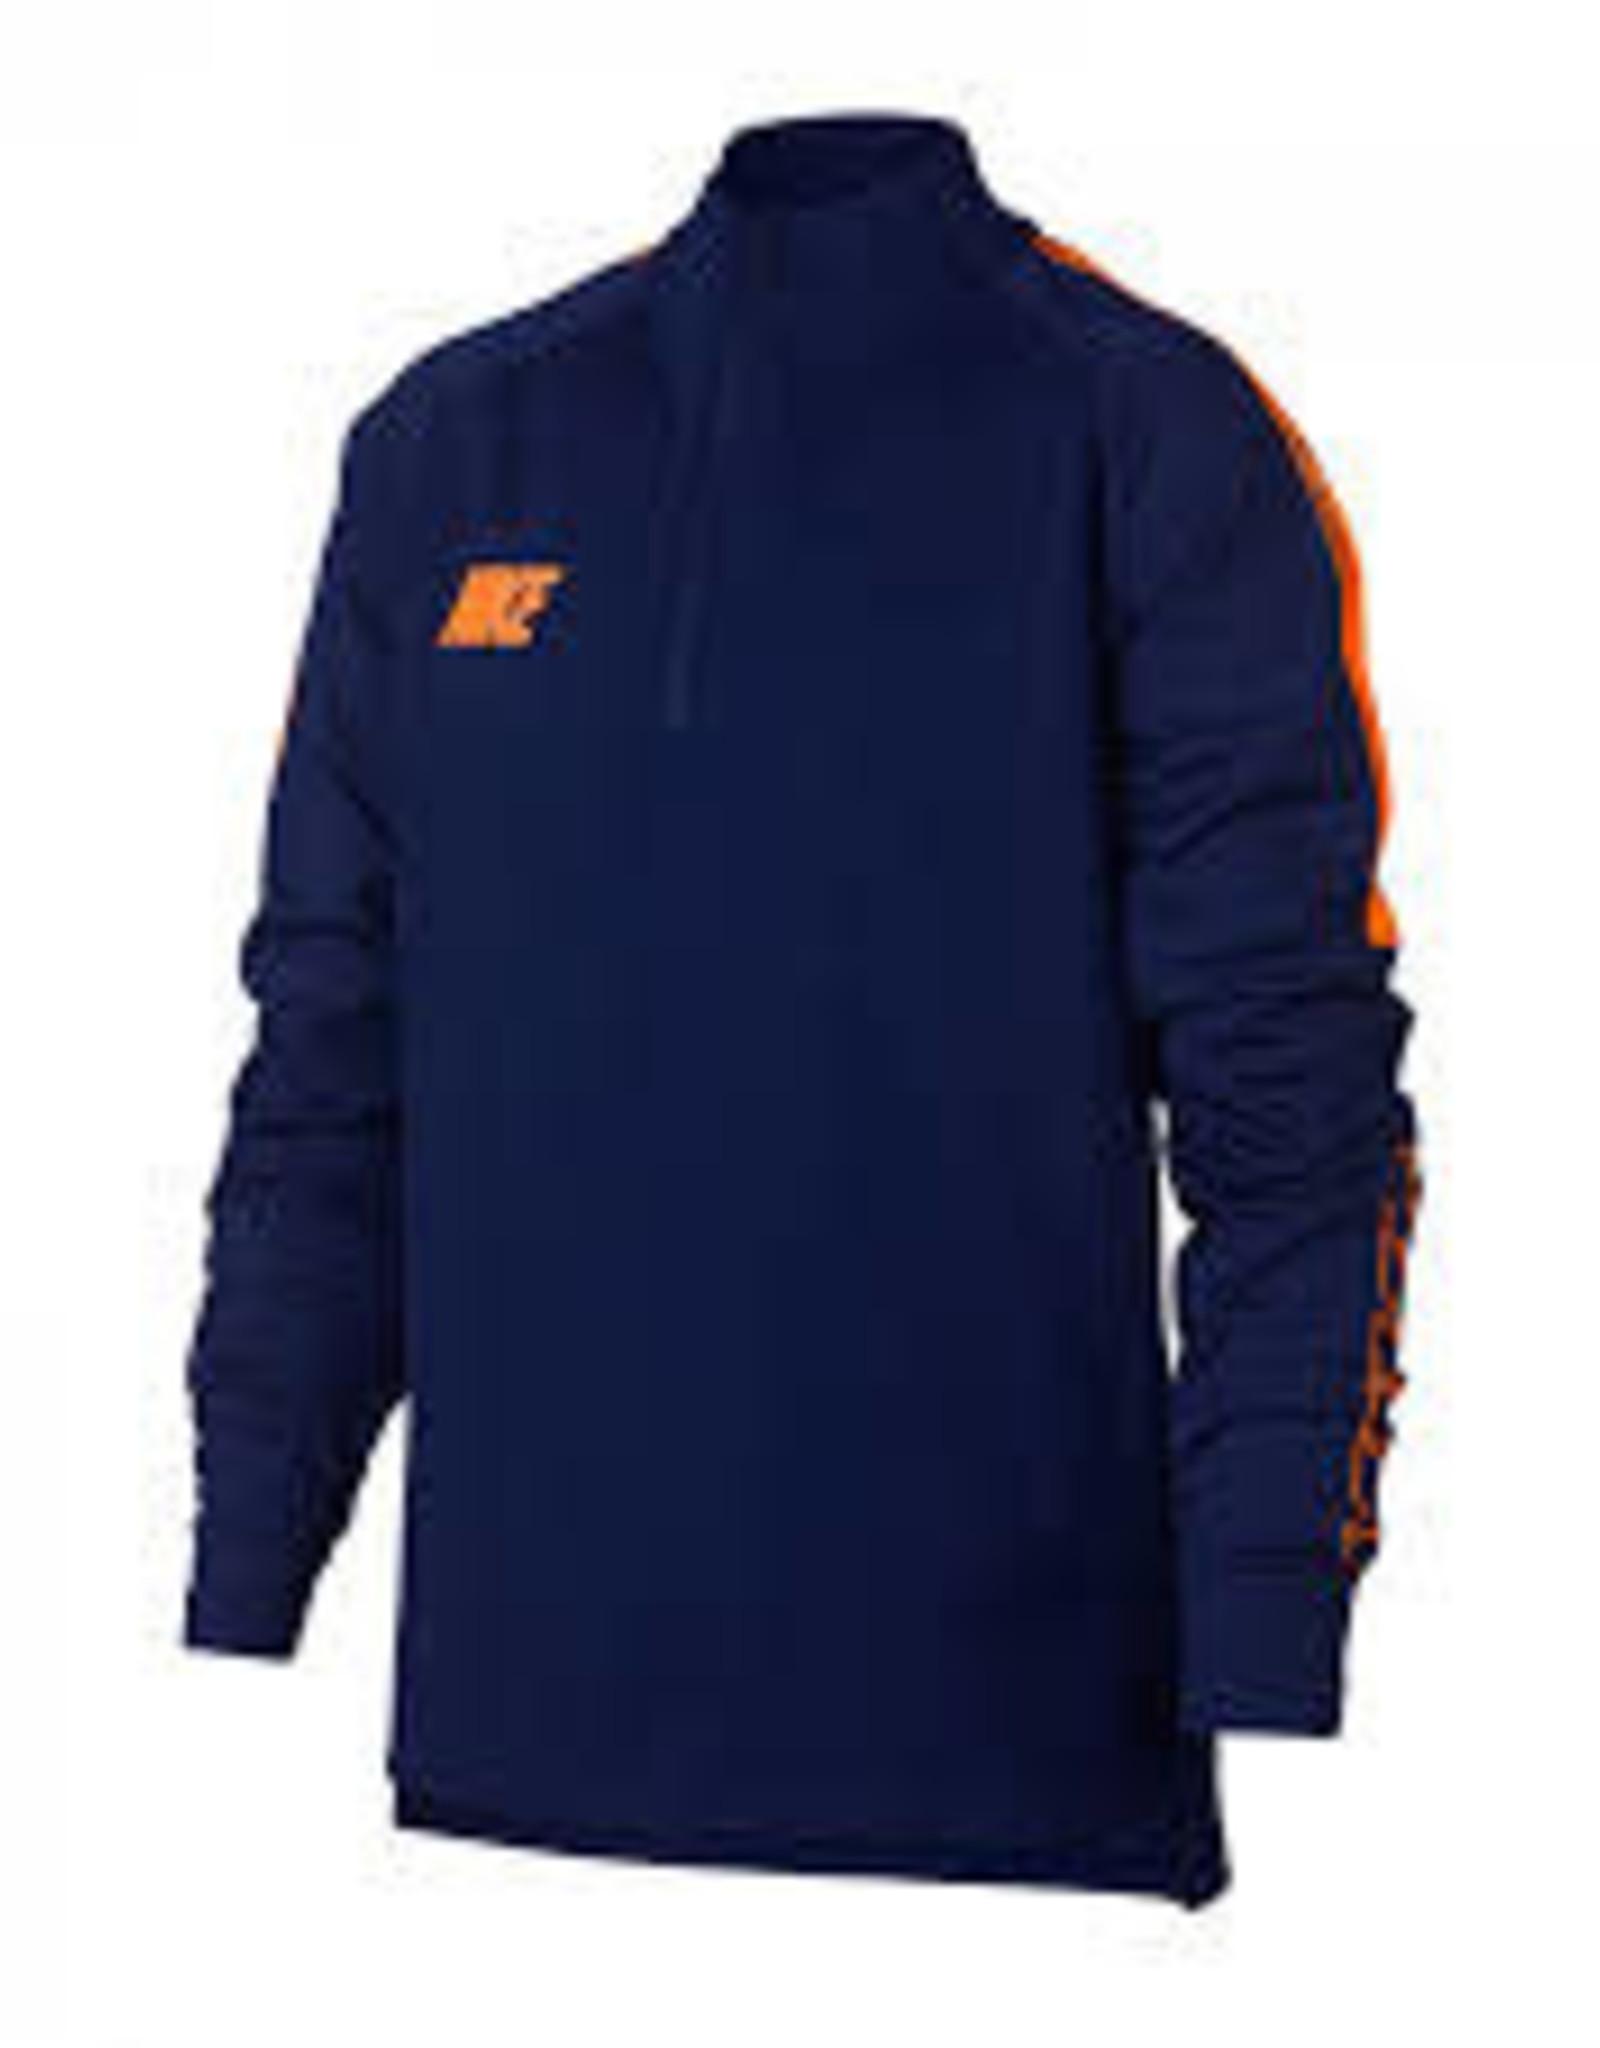 Nike ziptop trui blauw/oranje